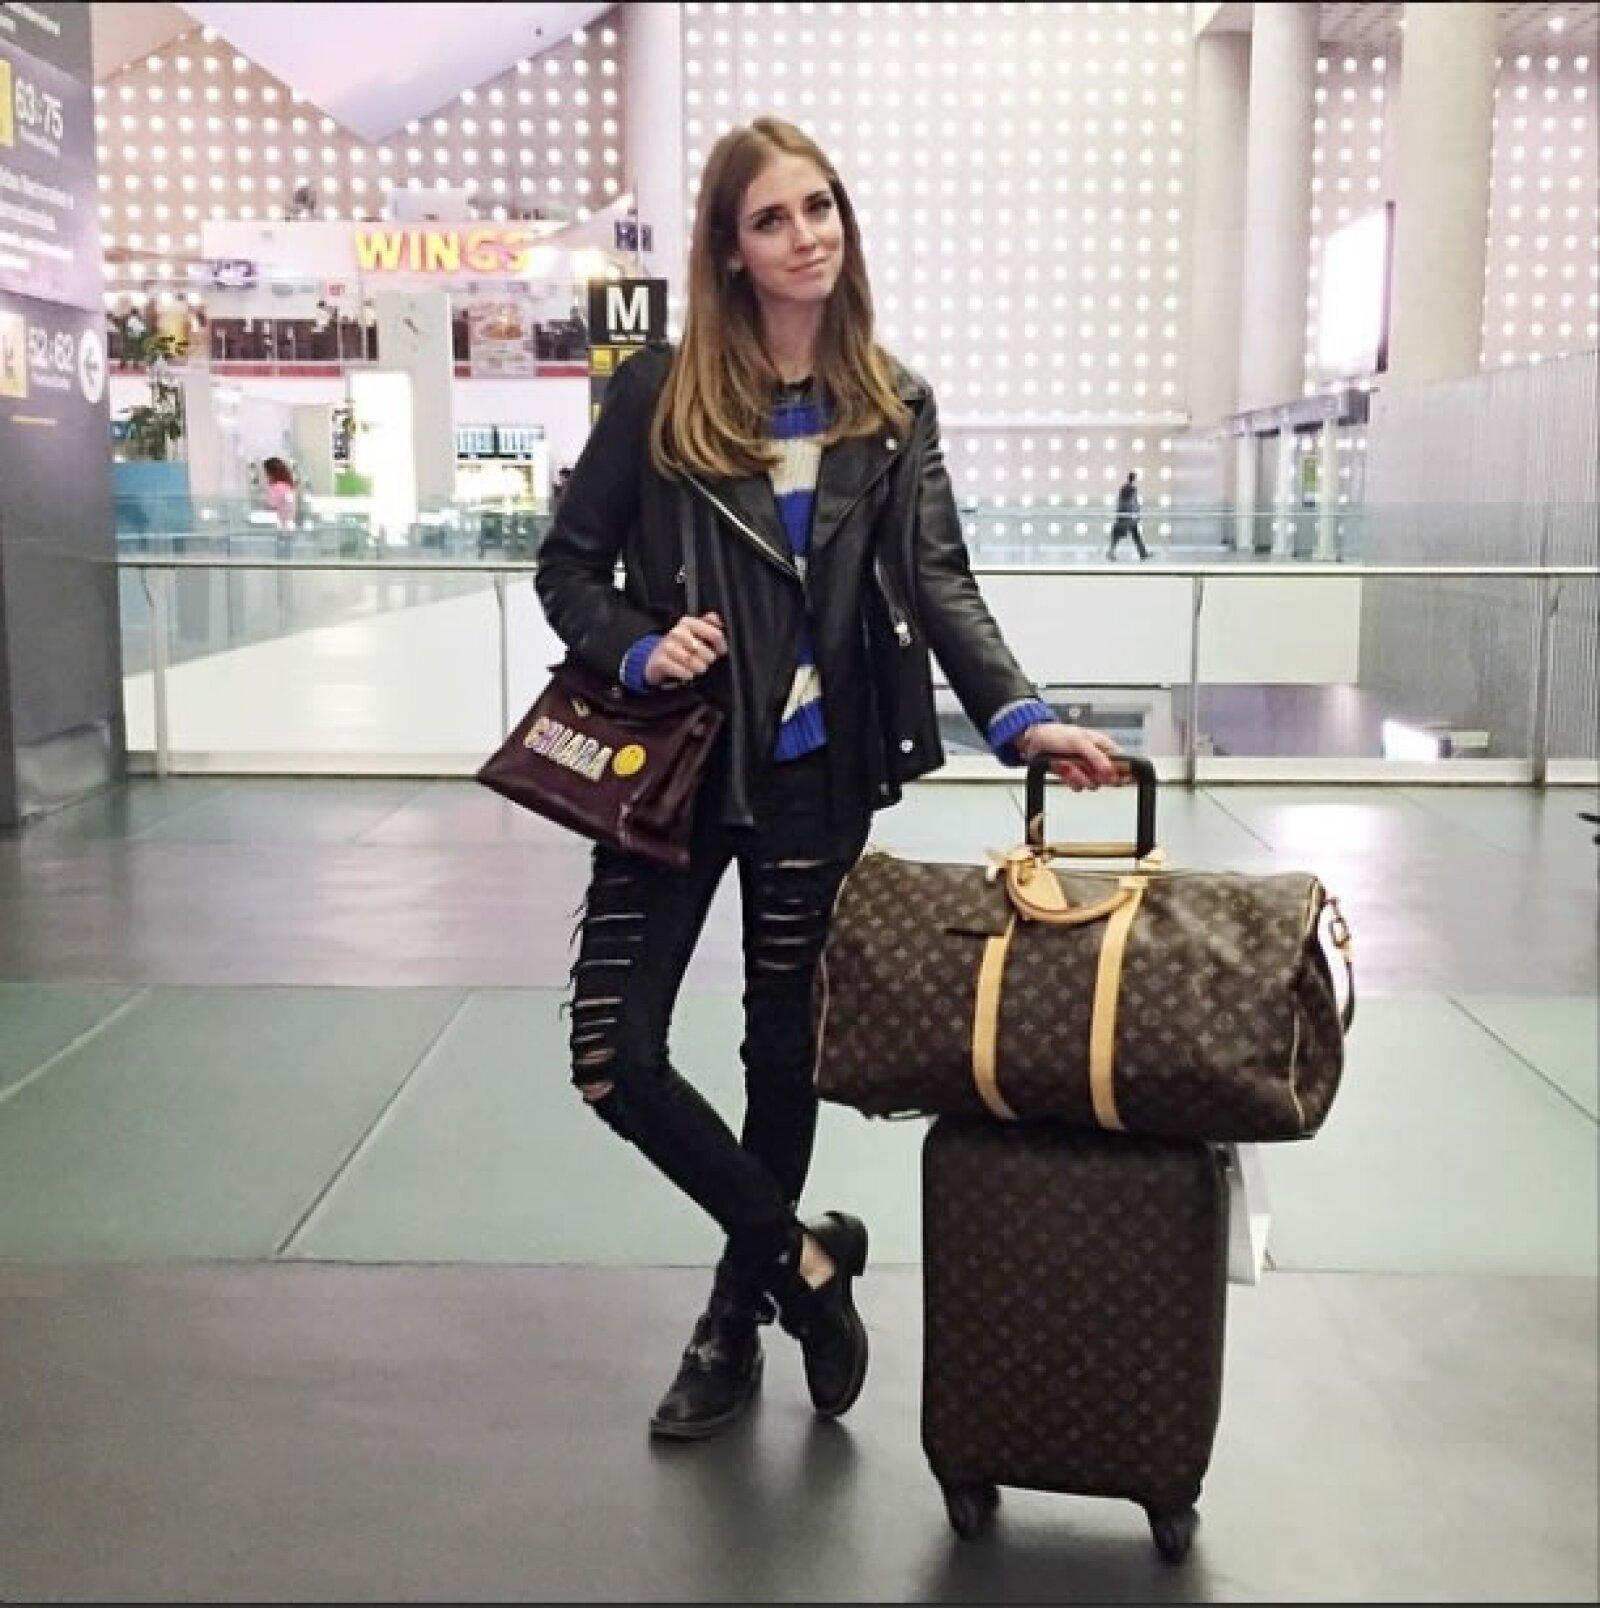 El aeropuerto de la Ciudad de México la vio llegar con unos jeans rotos, una chamarra de piel Acne, botitas Balenciaga, y la bolsa Kelly de Hermès.